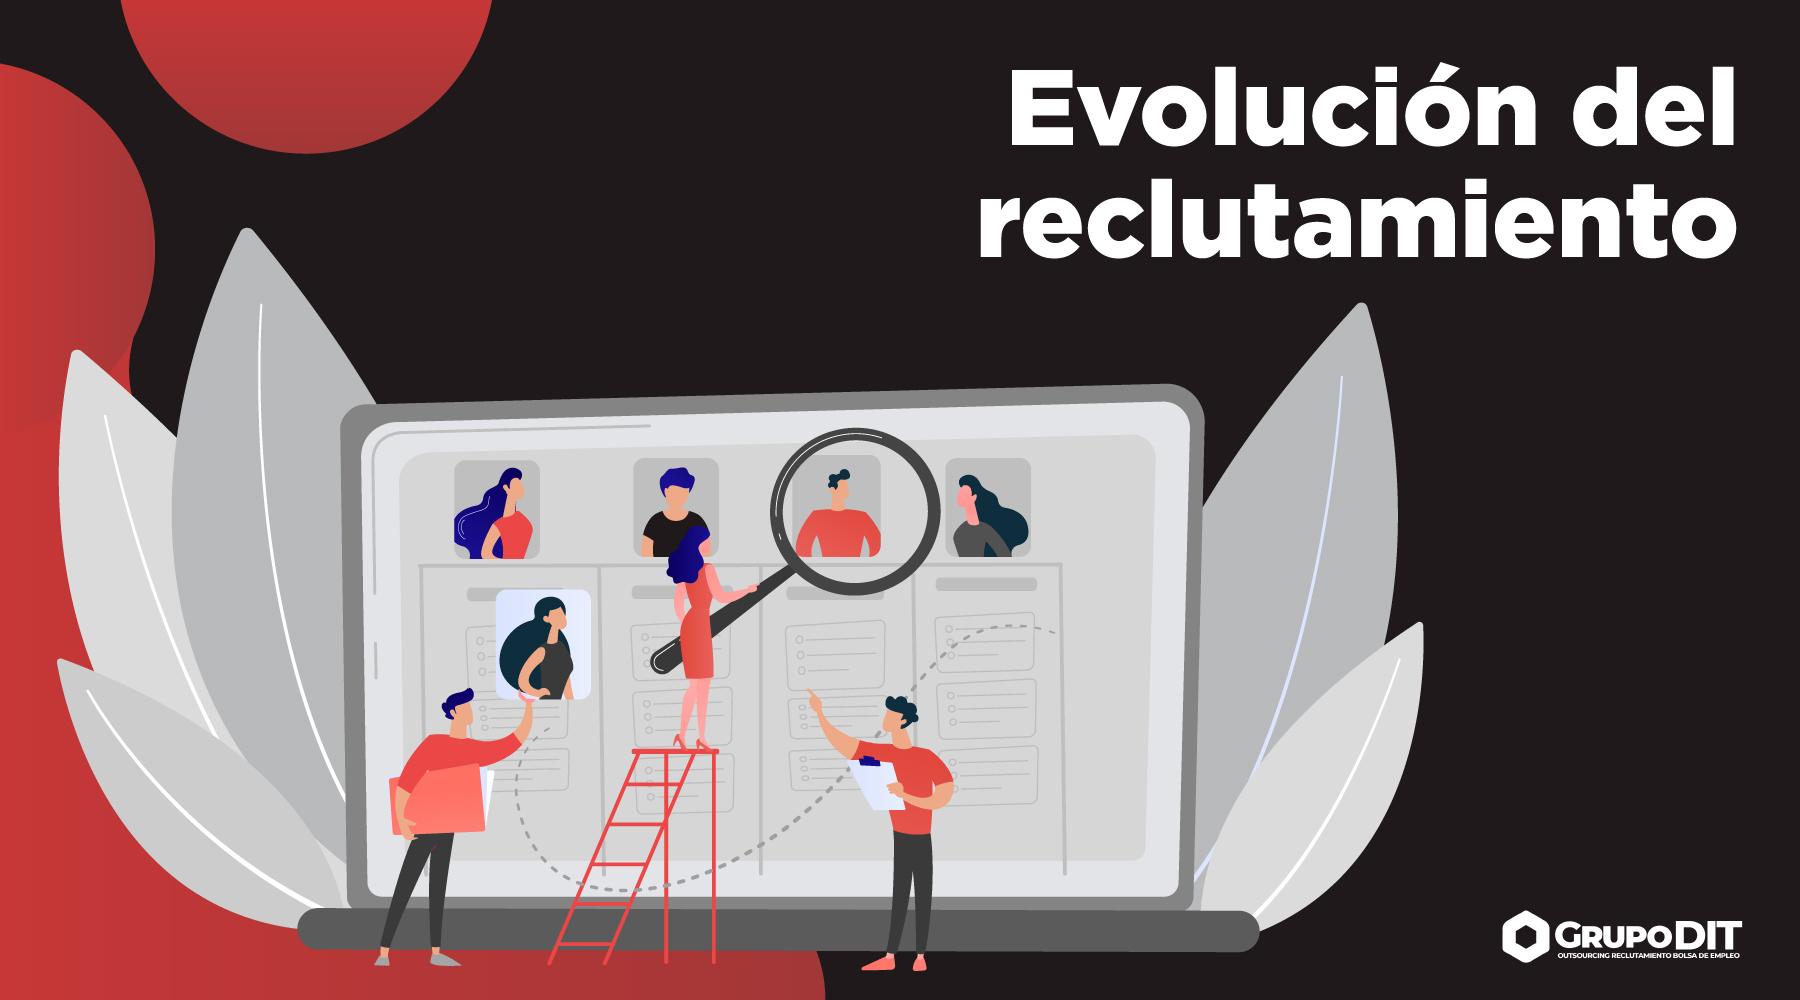 Evolución del reclutamiento por Grupo DIT